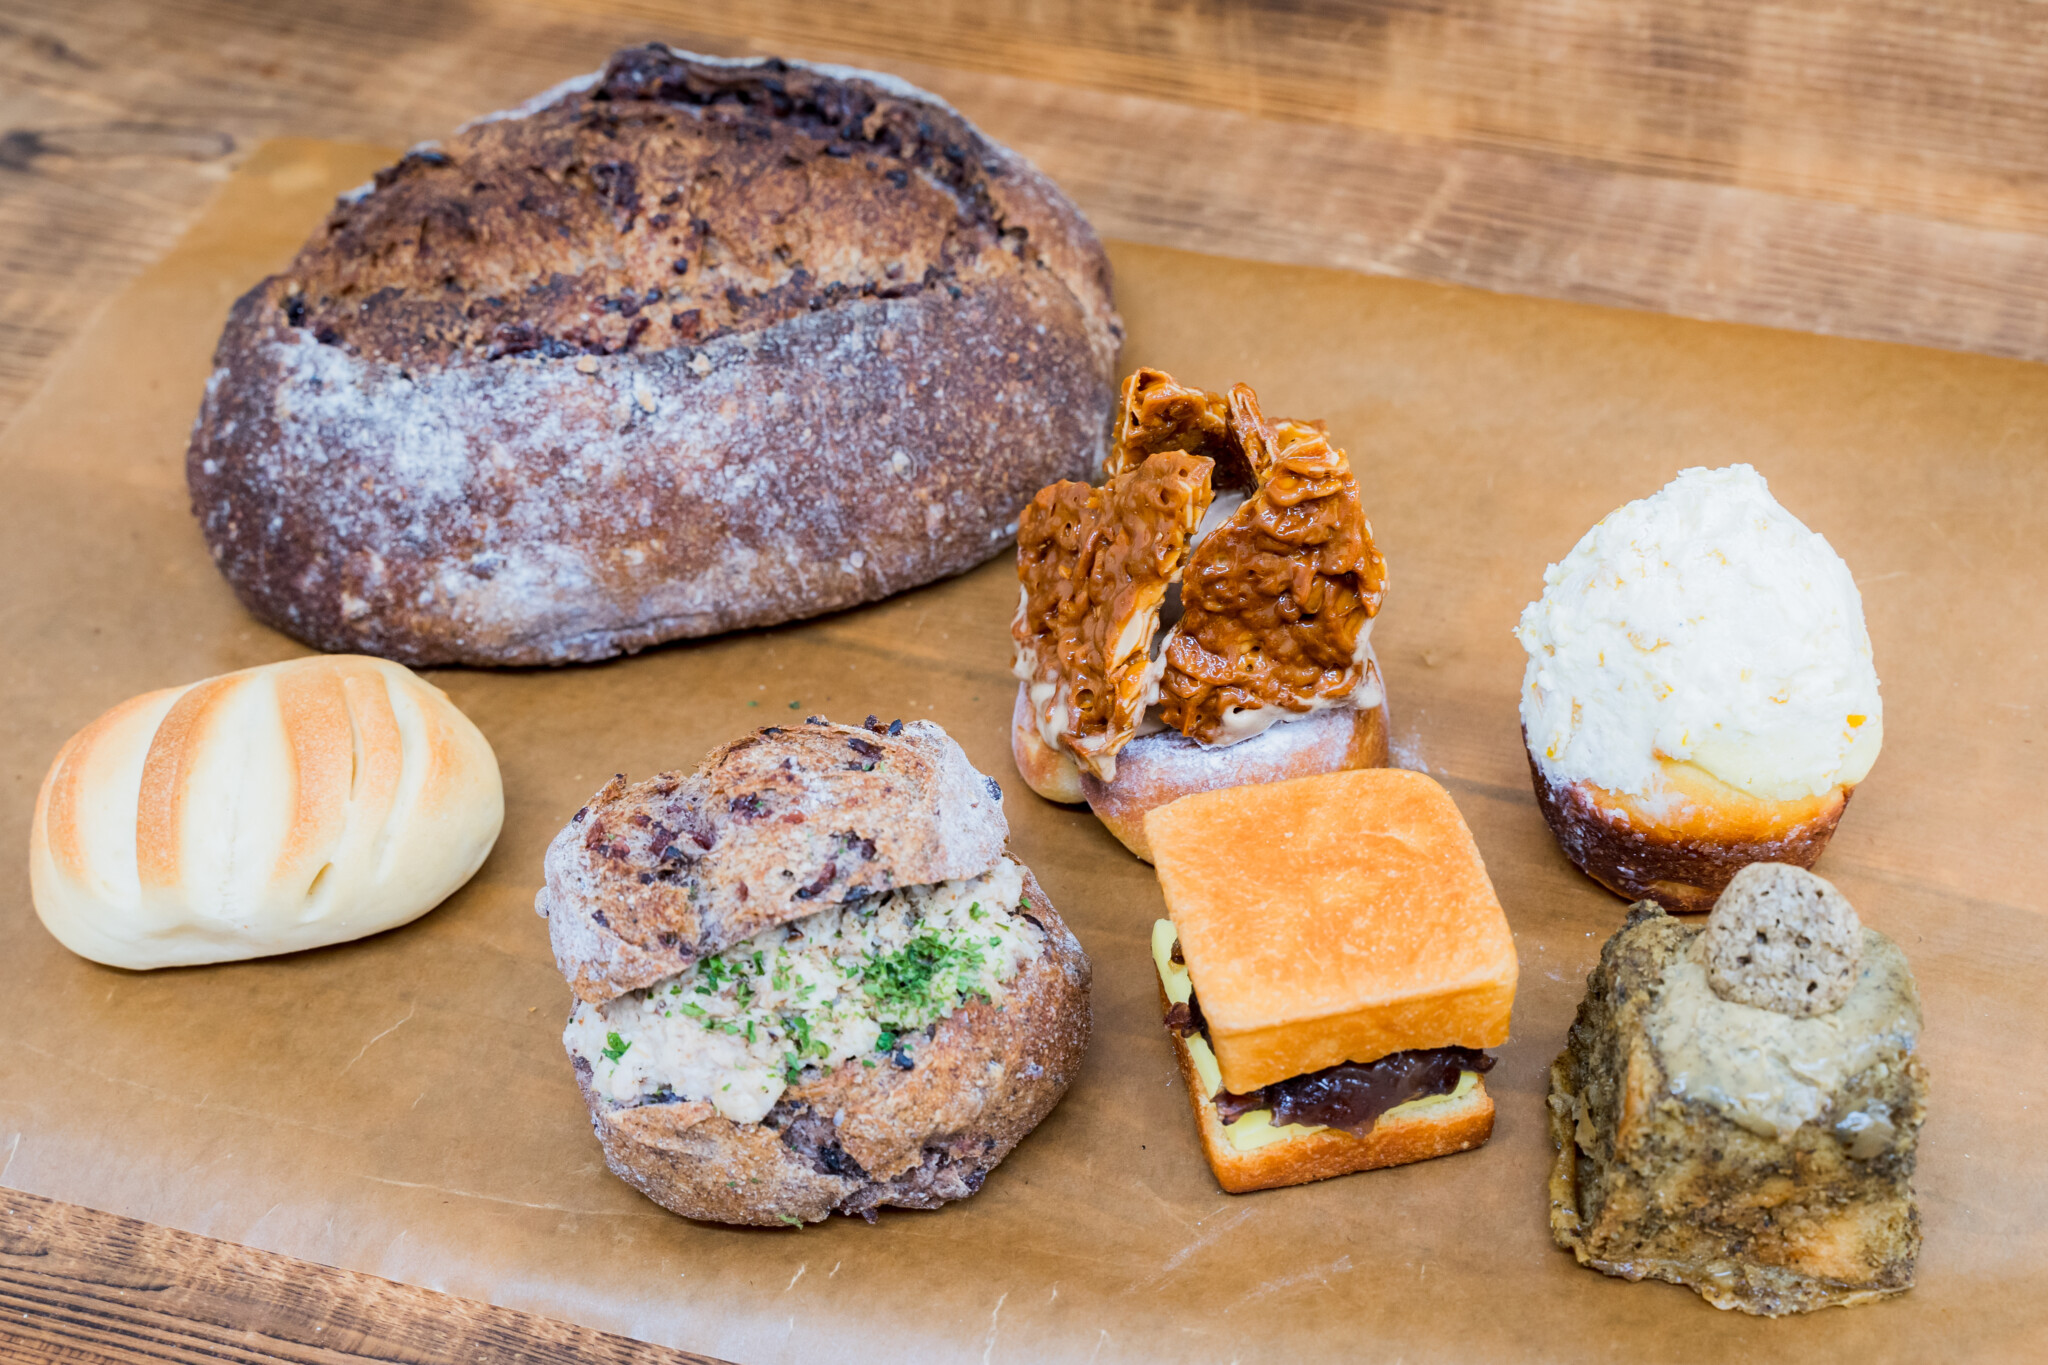 【金沢発】お取り寄せできる人気スイーツ&パン5選。行列ができるパンは詰め合わせで。